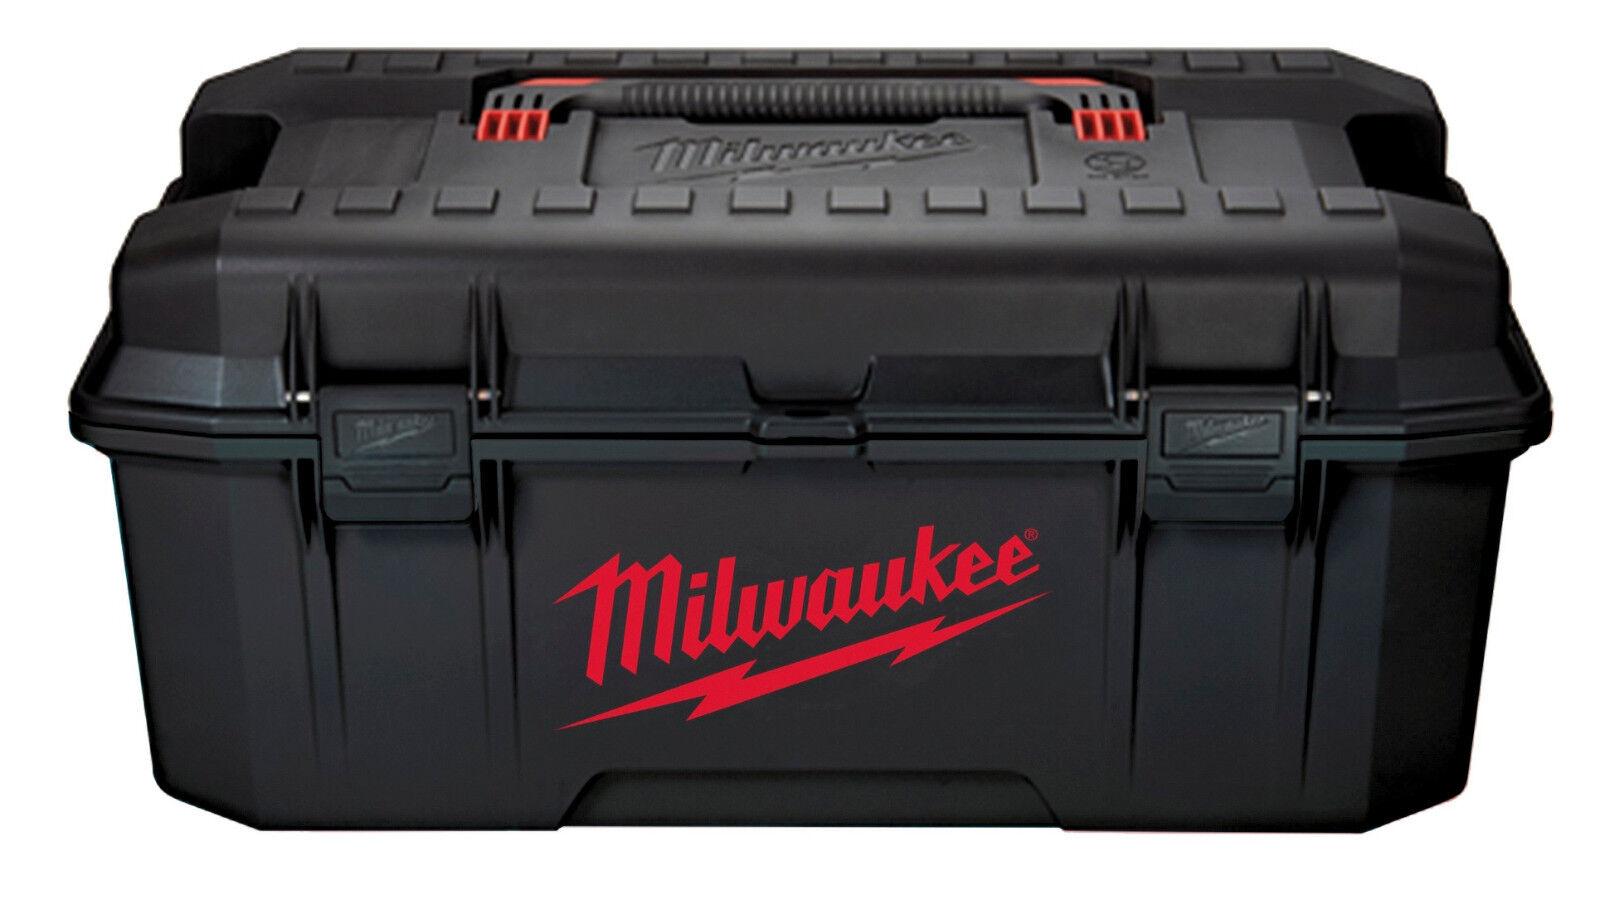 Milwaukee Jobsite Workbox   Werkzeugkoffer, Werkzeugkiste  4932430826